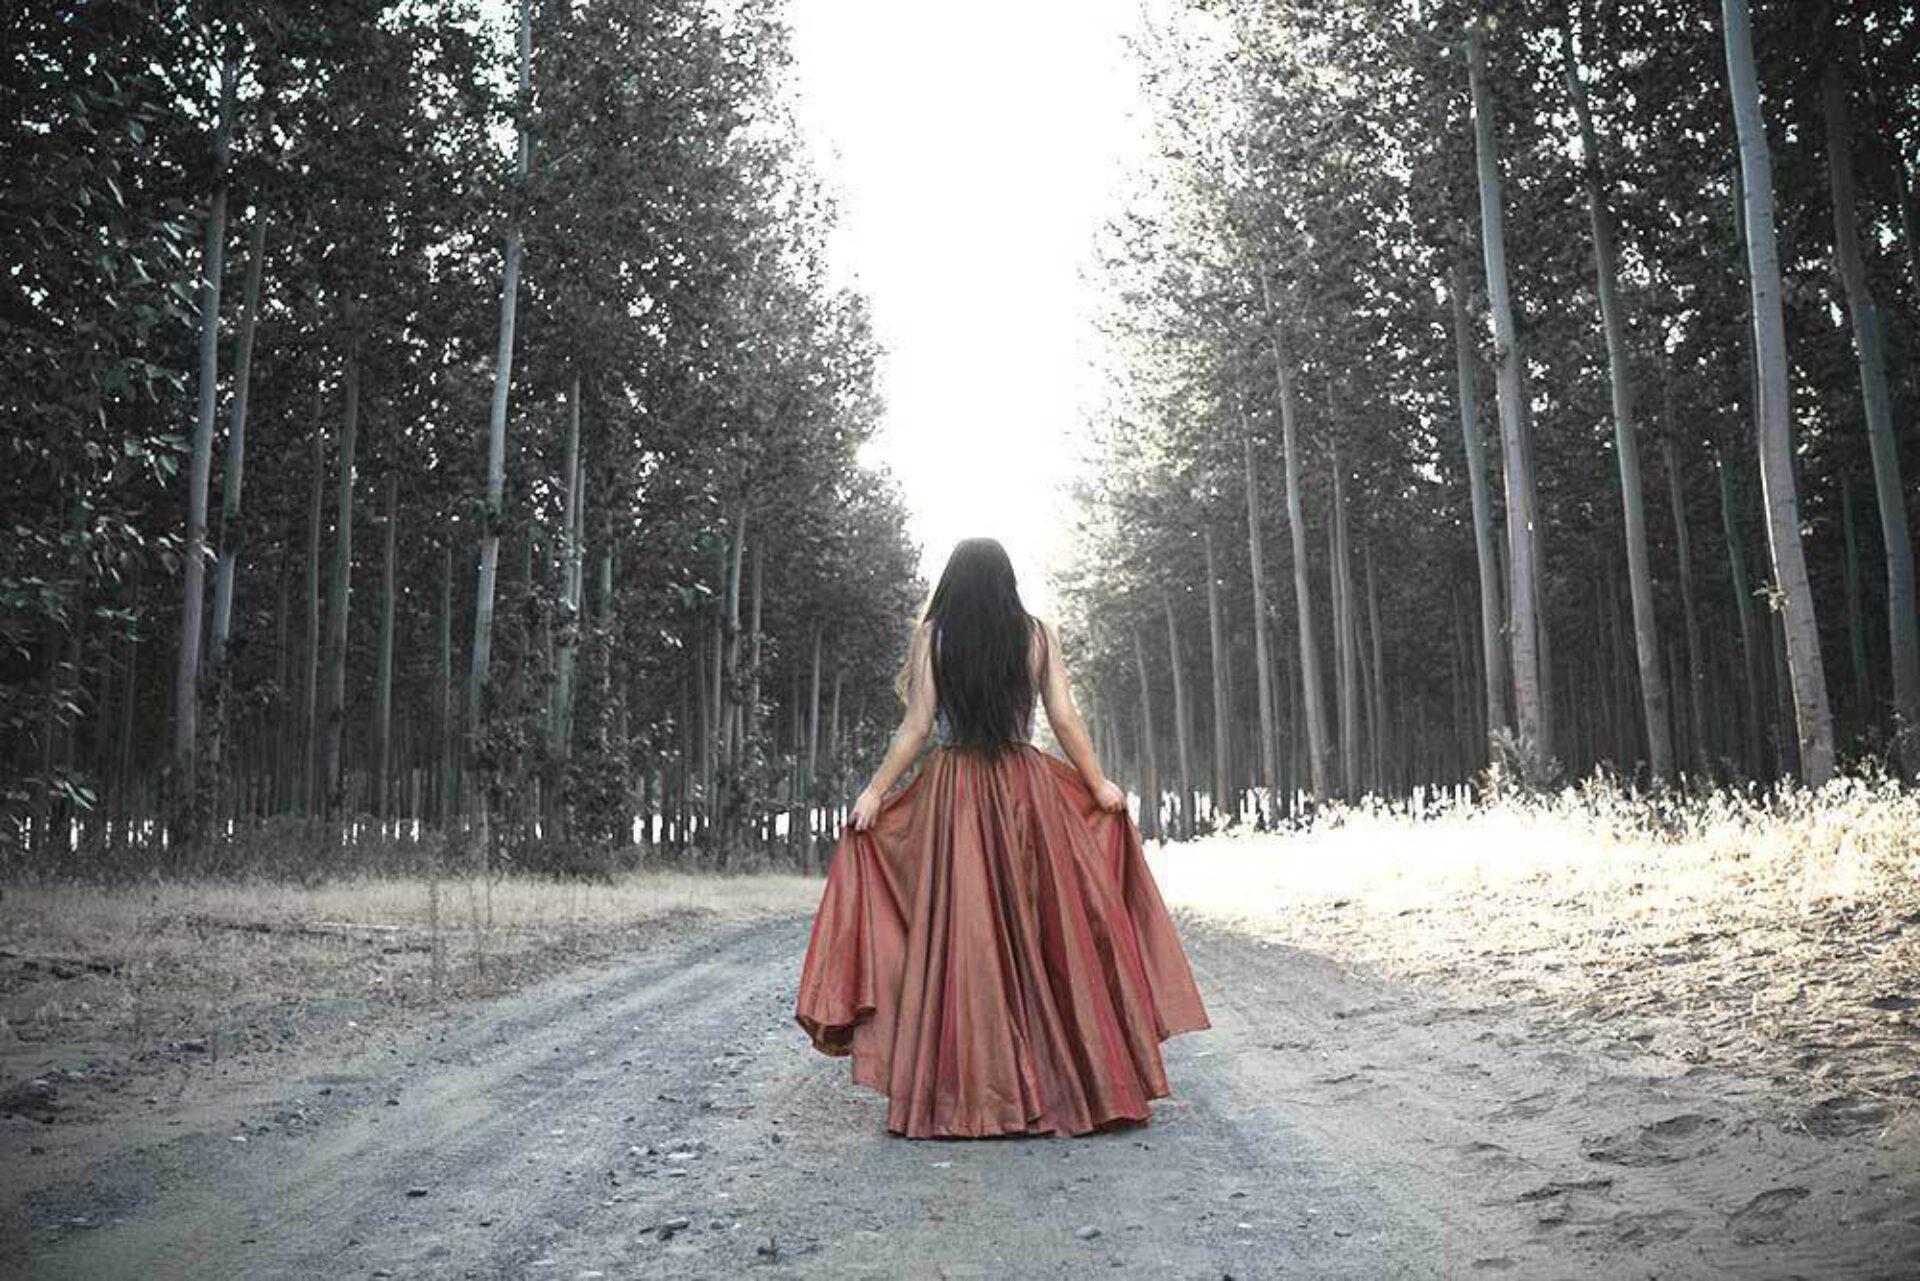 Geef je Wicca spreuken en rituelen een extra dimensie:  maak kennis met de 4 magische elementen // Deel 2 Aarde